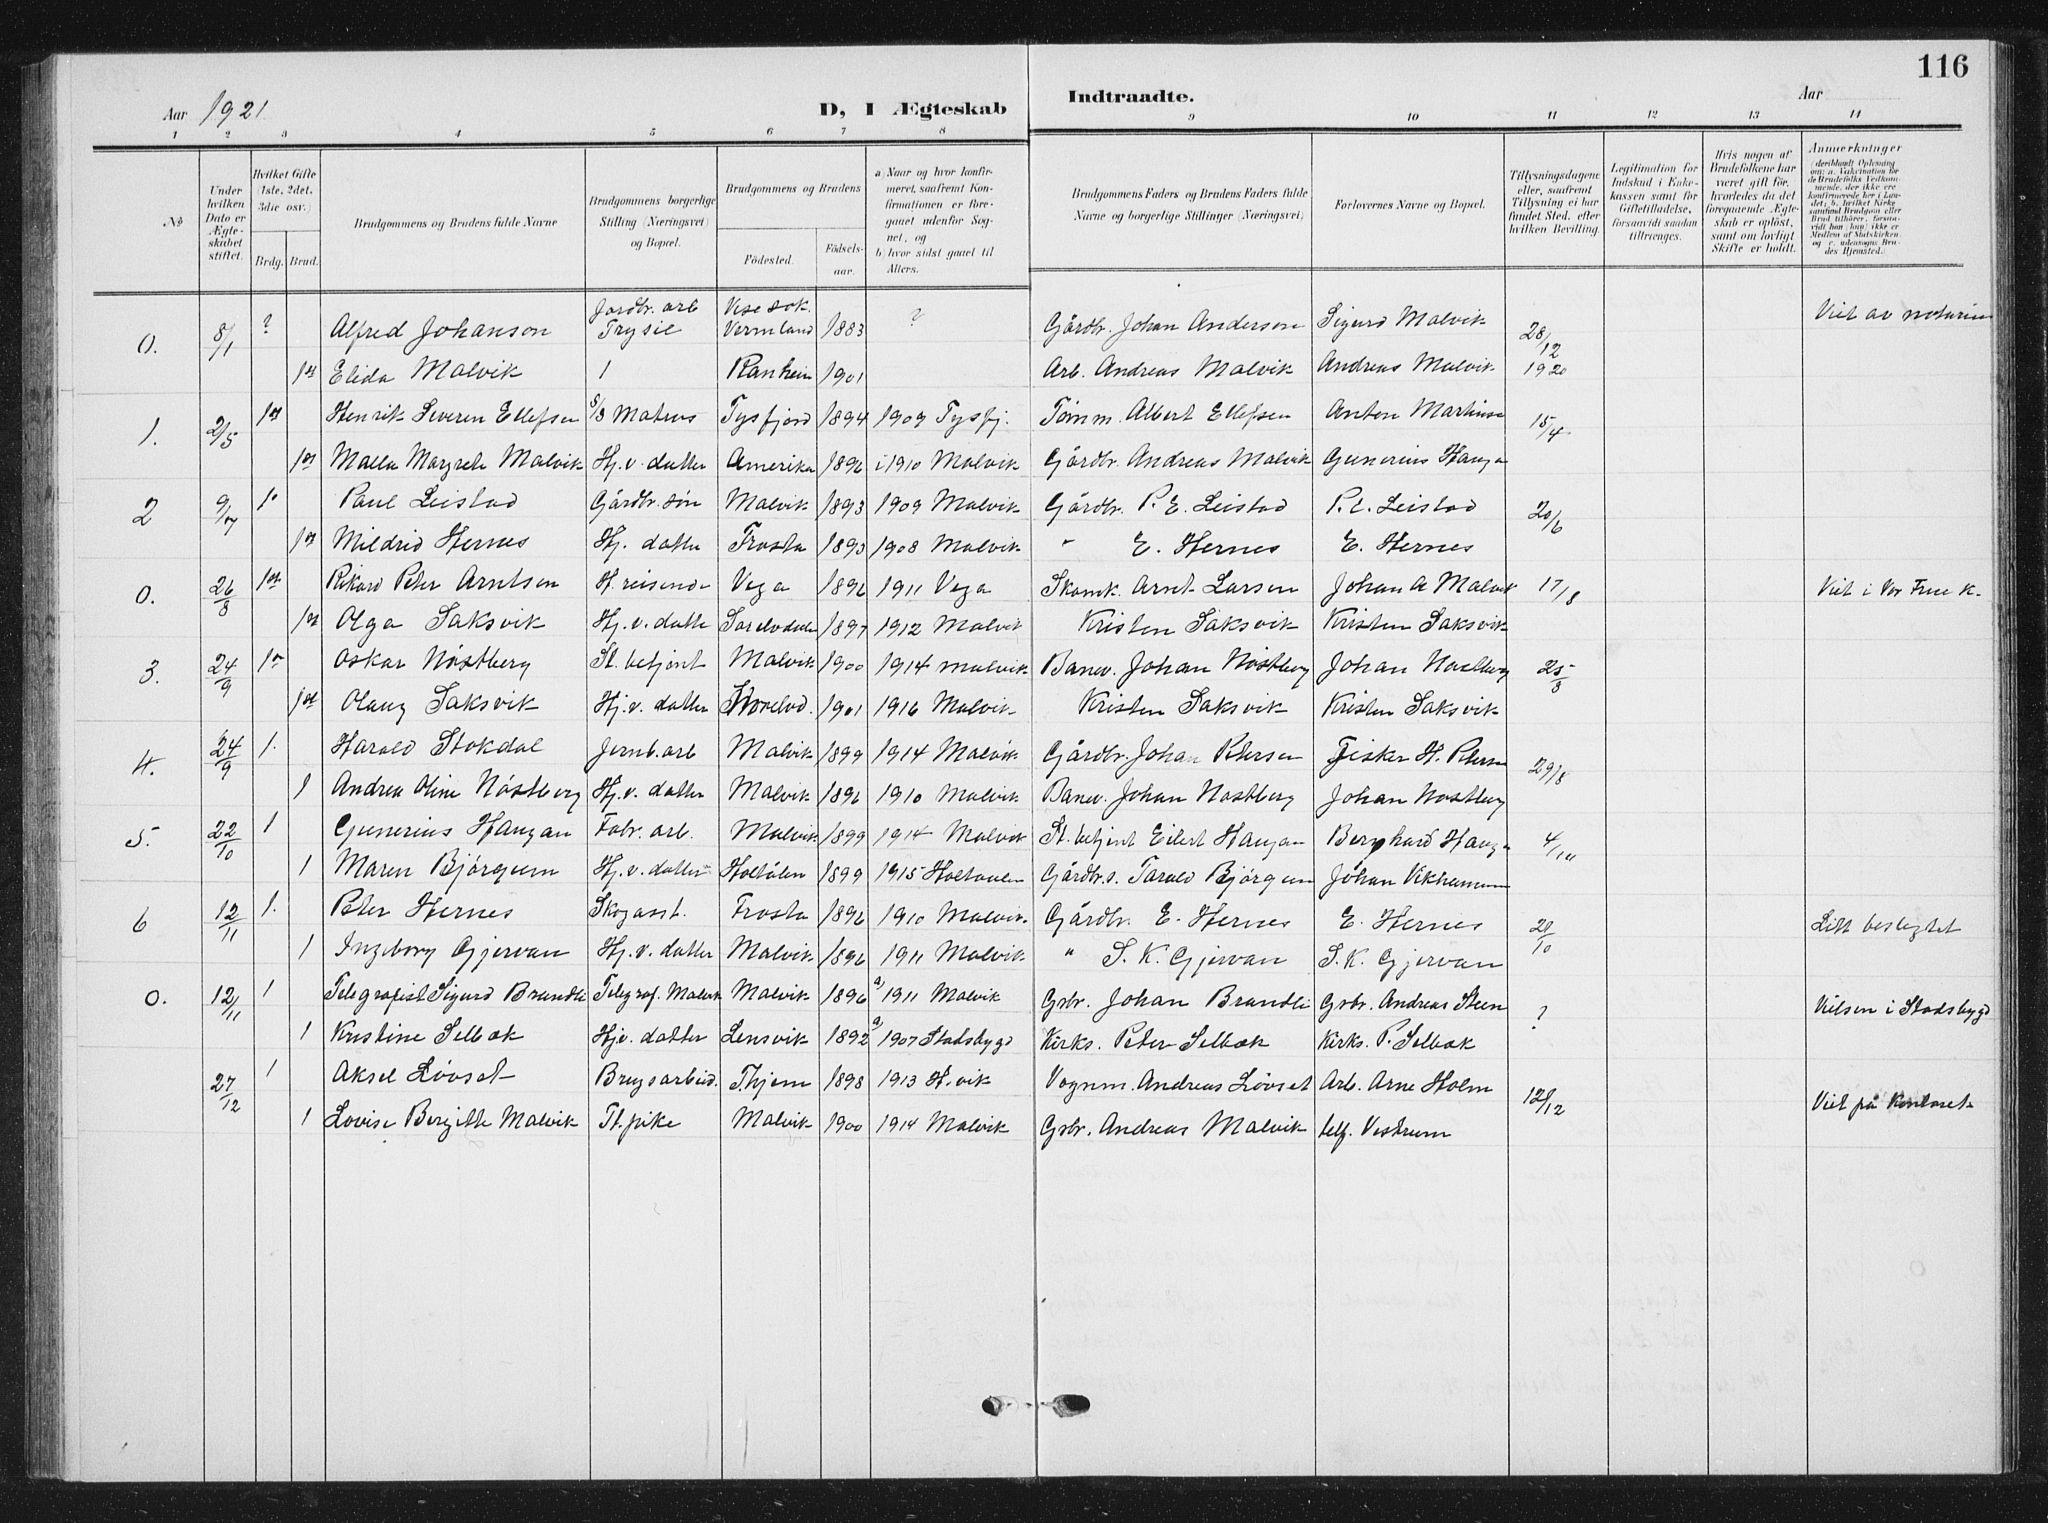 SAT, Ministerialprotokoller, klokkerbøker og fødselsregistre - Sør-Trøndelag, 616/L0424: Klokkerbok nr. 616C07, 1904-1940, s. 116